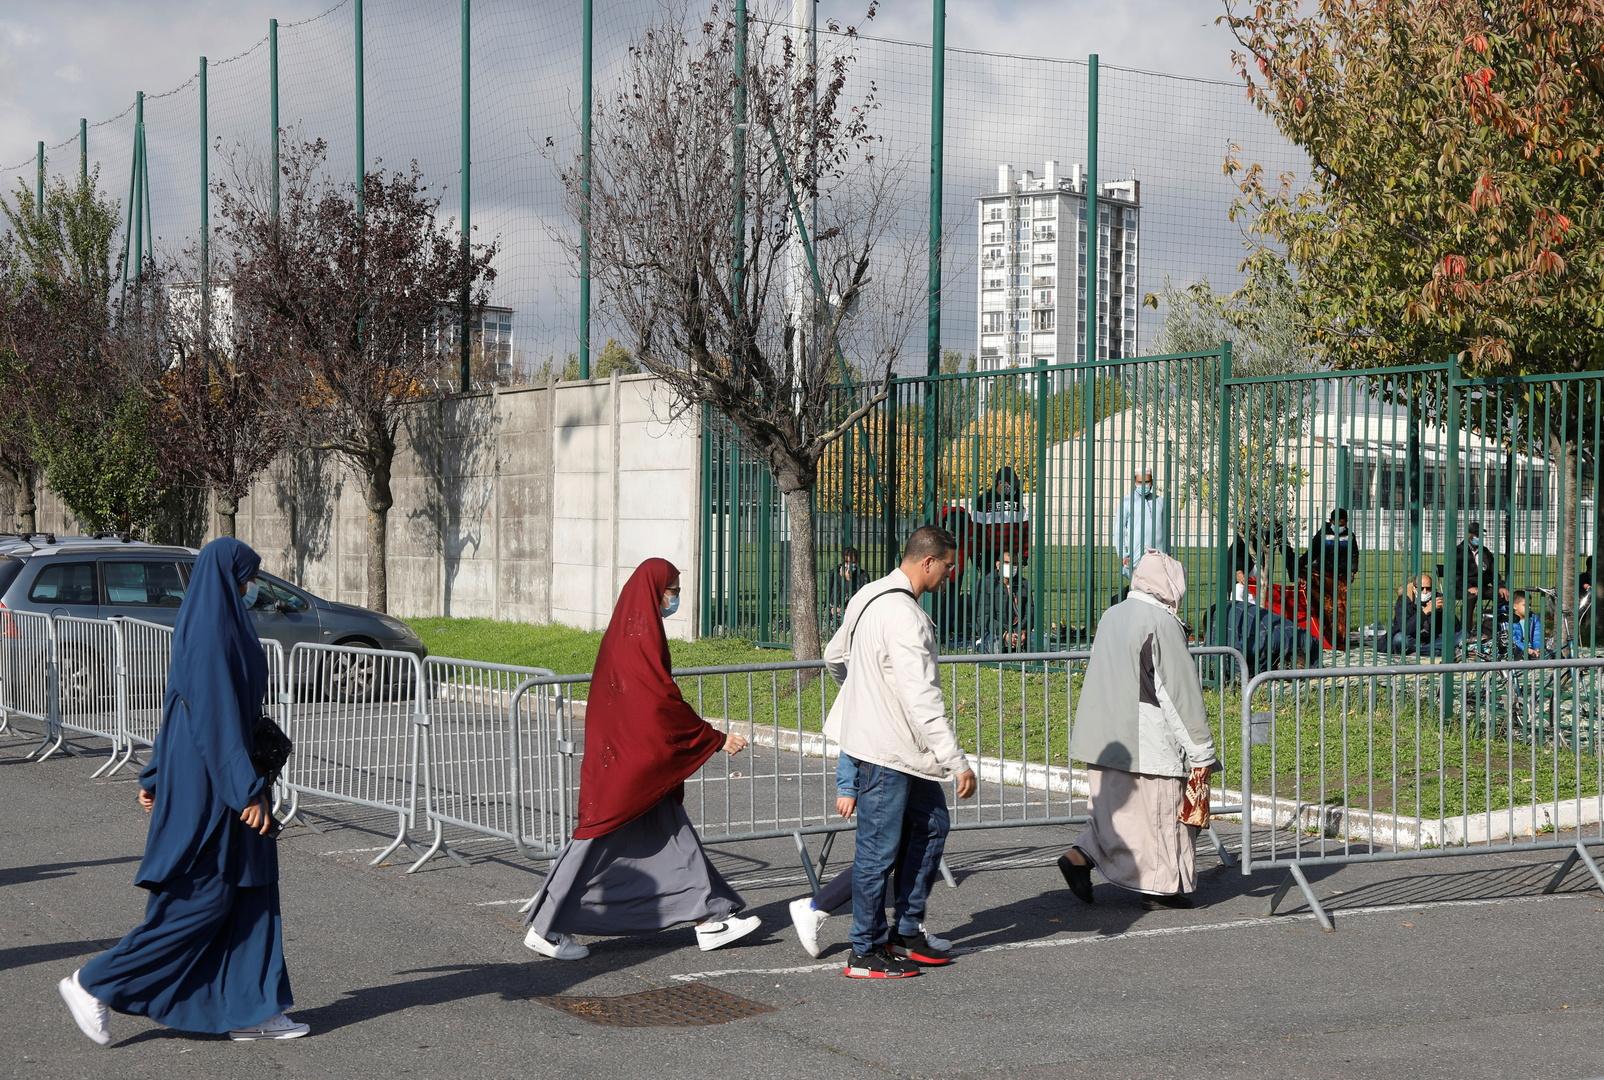 كيف تحارب فرنسا الإسلاموية